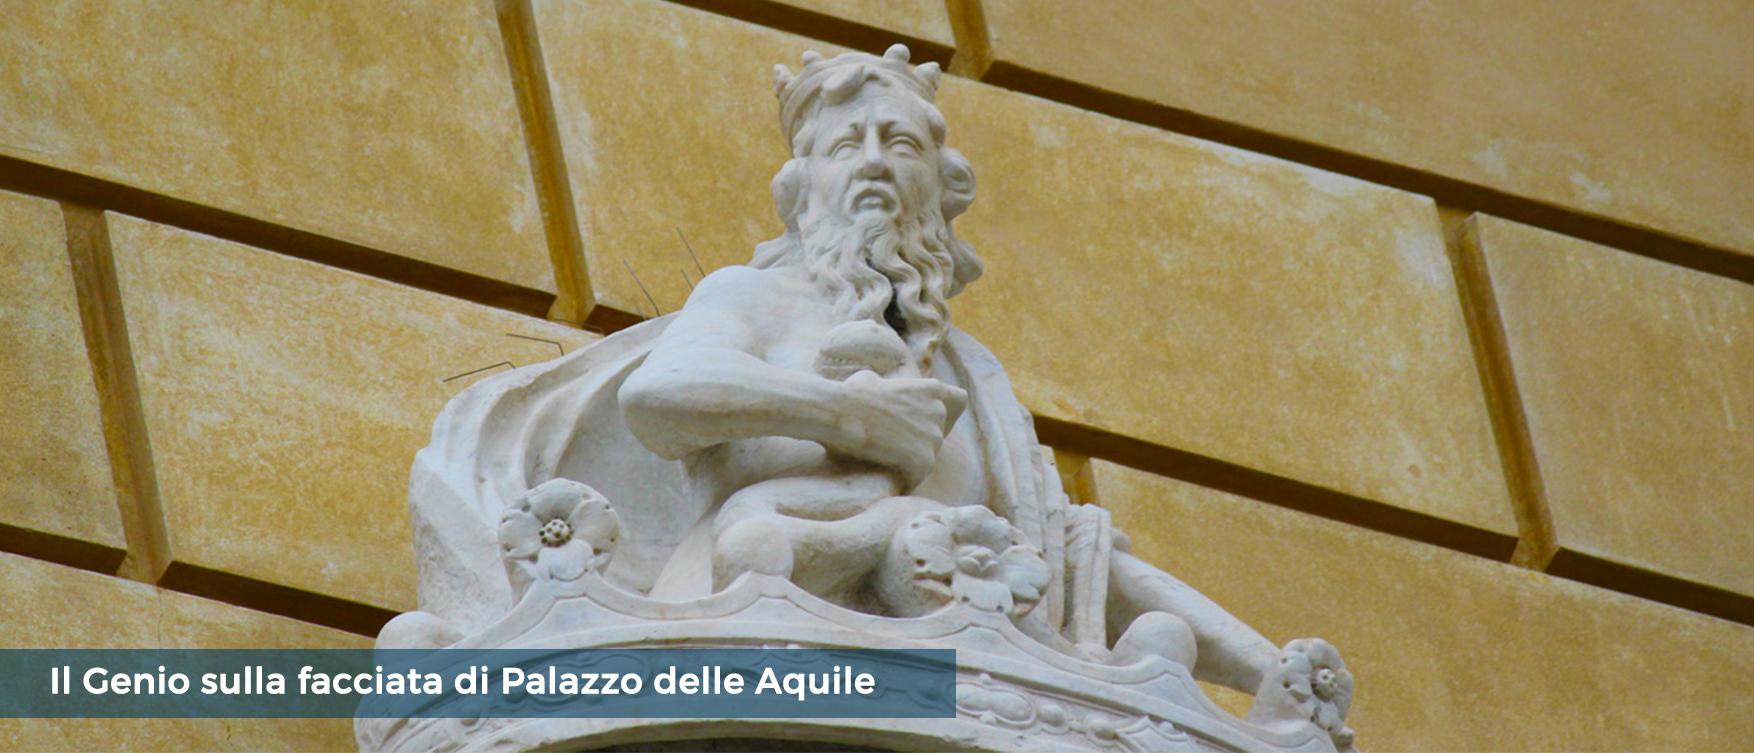 Il Genio sulla facciata di Palazzo delle Aquile